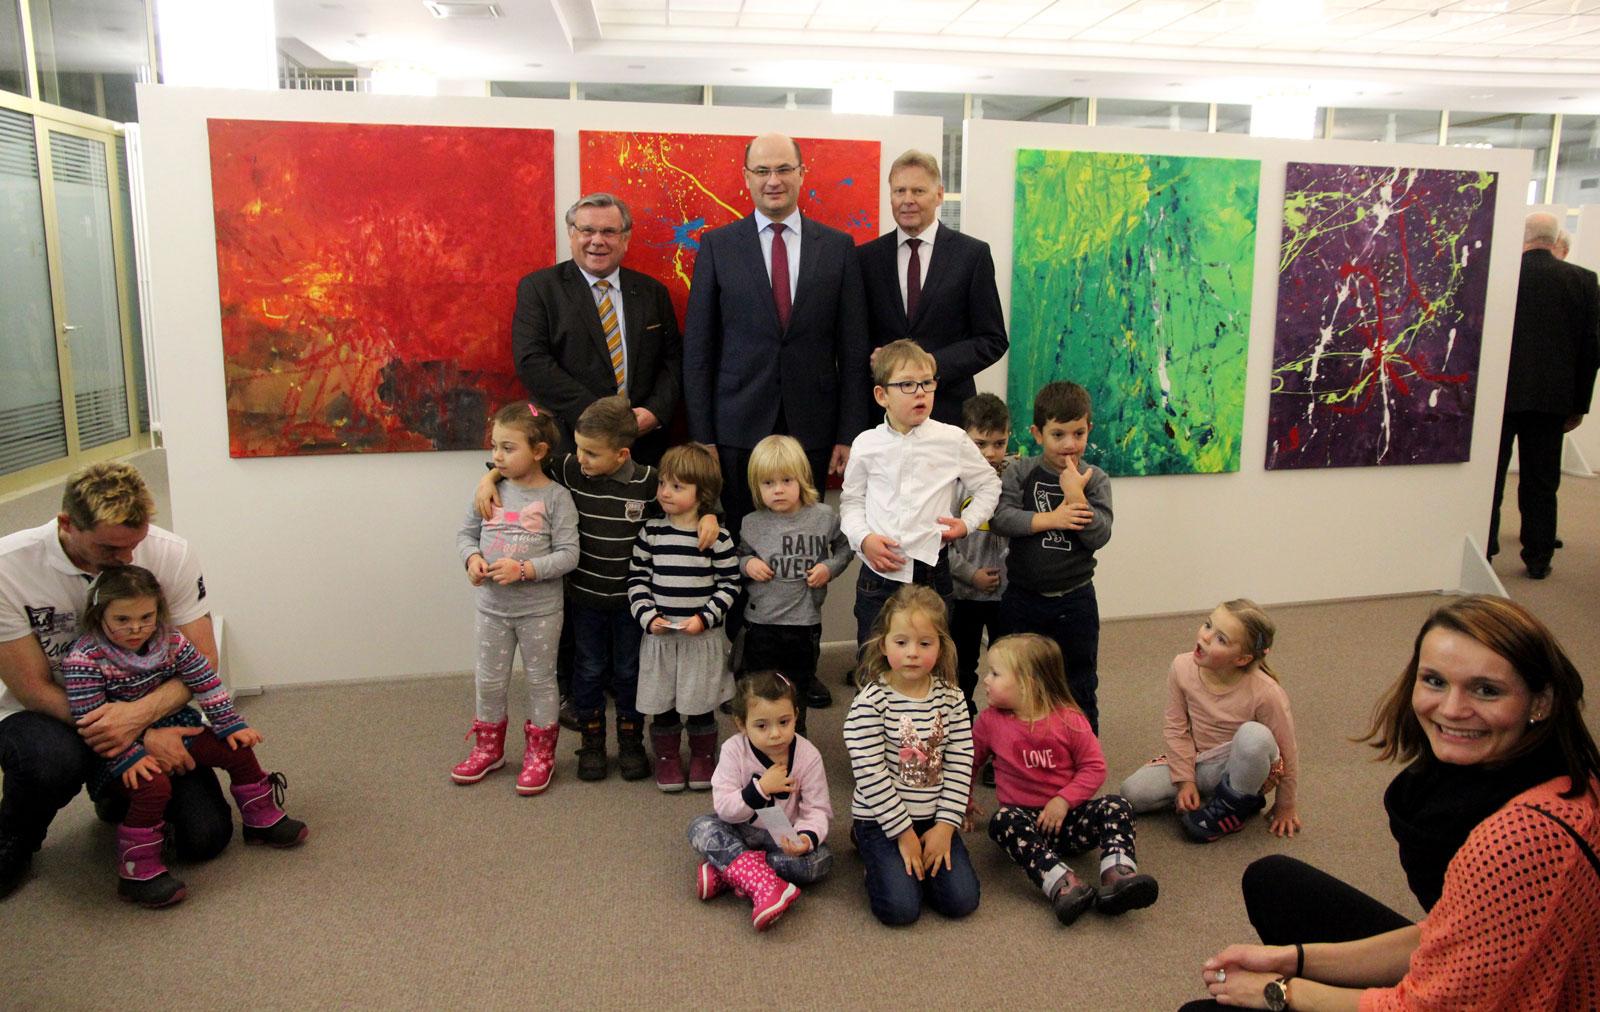 """Kita-Kinder, Staatssekretär Füracker sowie Gerhard John und Norbert Dünkel von der Lebenshilfe, geben den Startschuss für die Ausstellung """"20 Jahre Action Painting""""."""